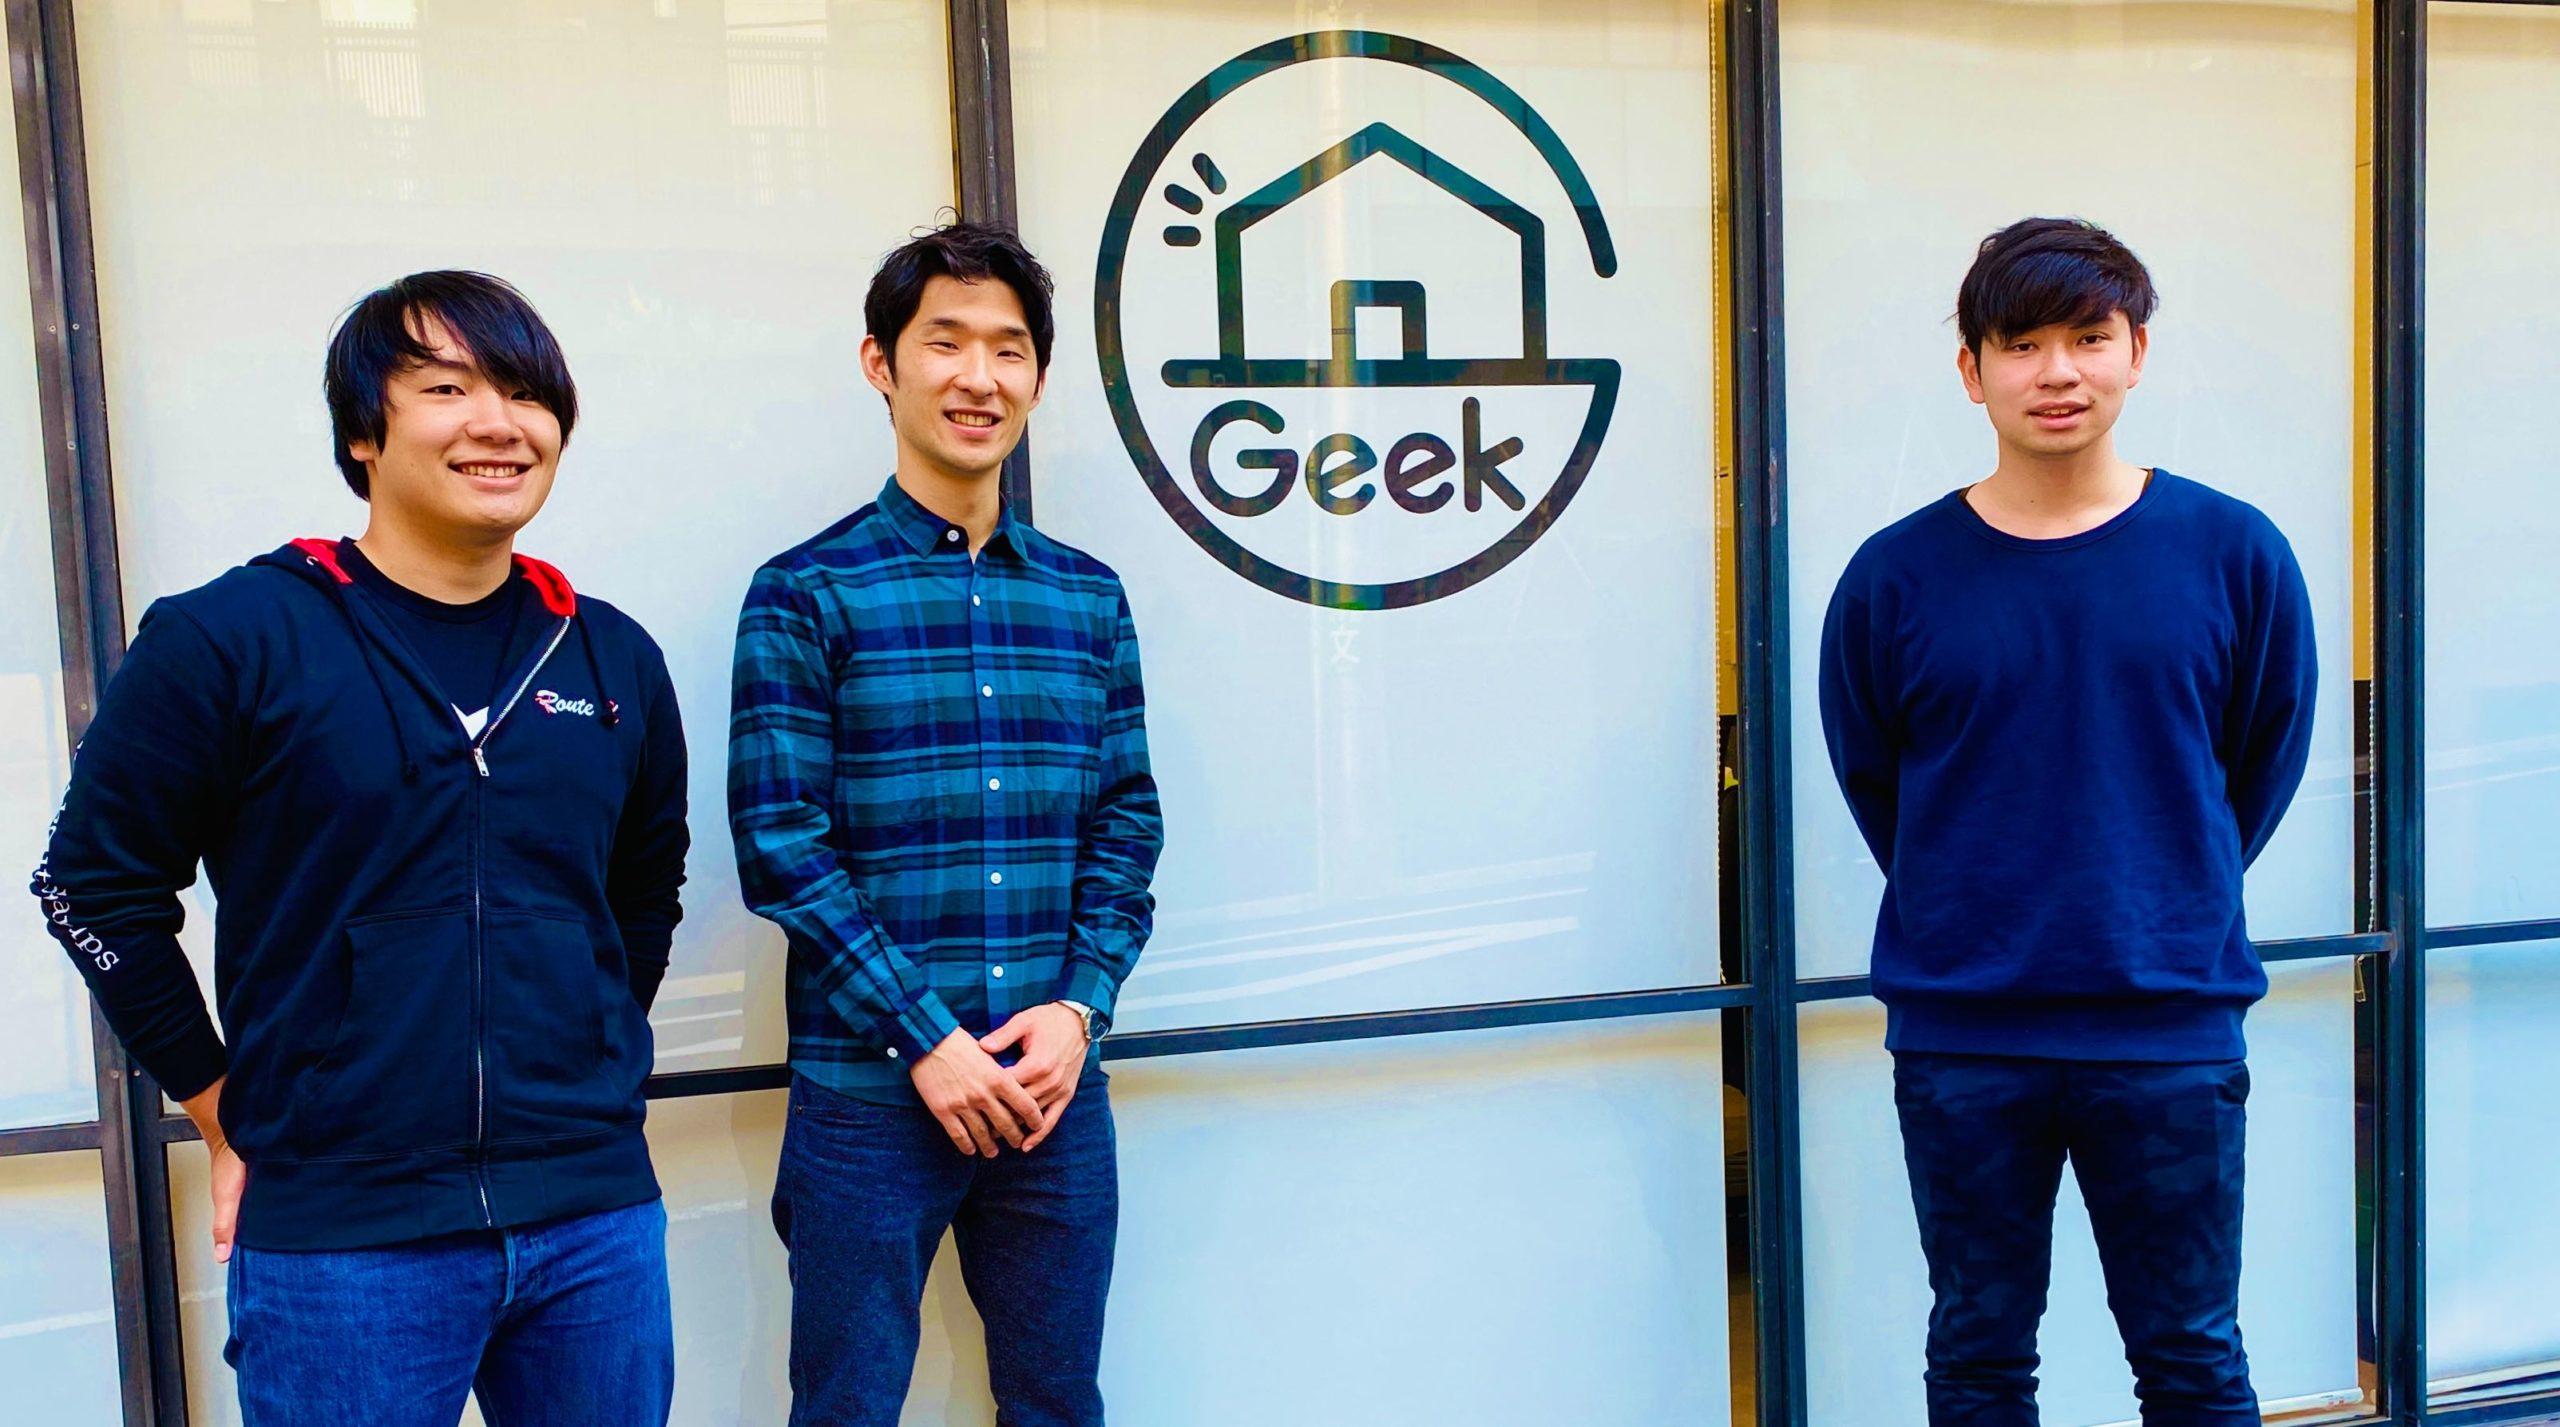 GeekSalonとRouteXがパートナーシップを締結